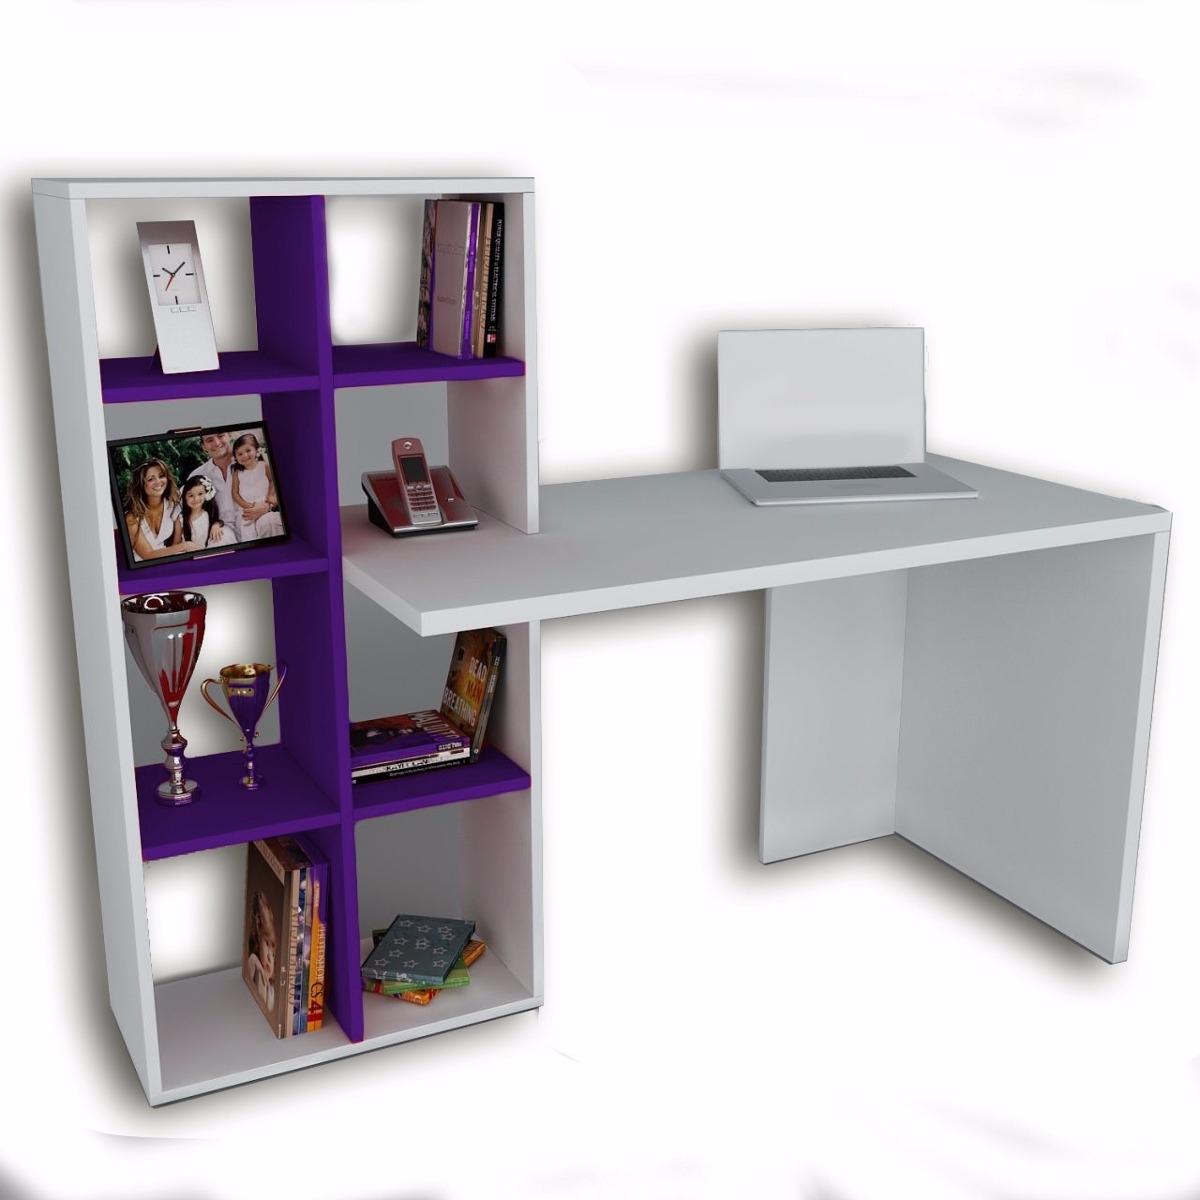 Mesas Escritorios Productos Muebles Rosario Placares Rosario  # Muebles Melamina Rosario